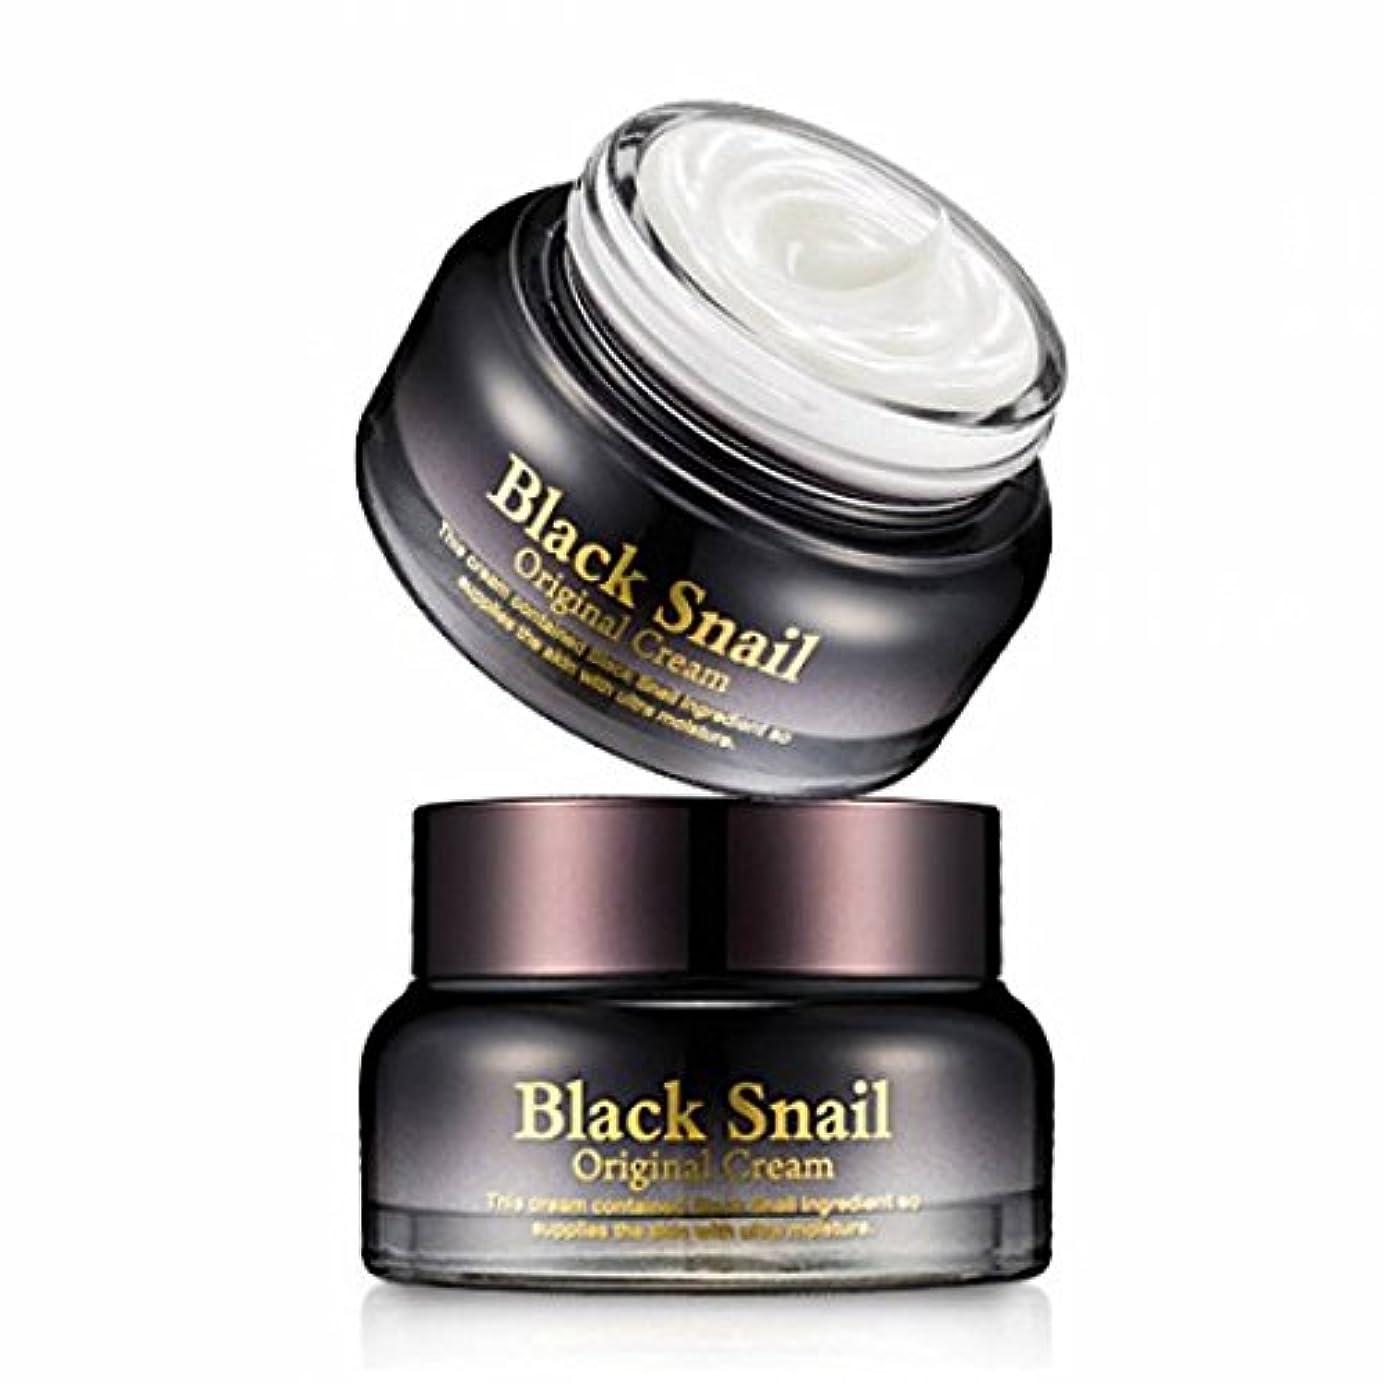 ビリー花束舌なシークレットキー [韓国コスメ Secret Key] ブラックスネイル オリジナルクリーム Secret Key Black Snail Original Cream [並行輸入品]